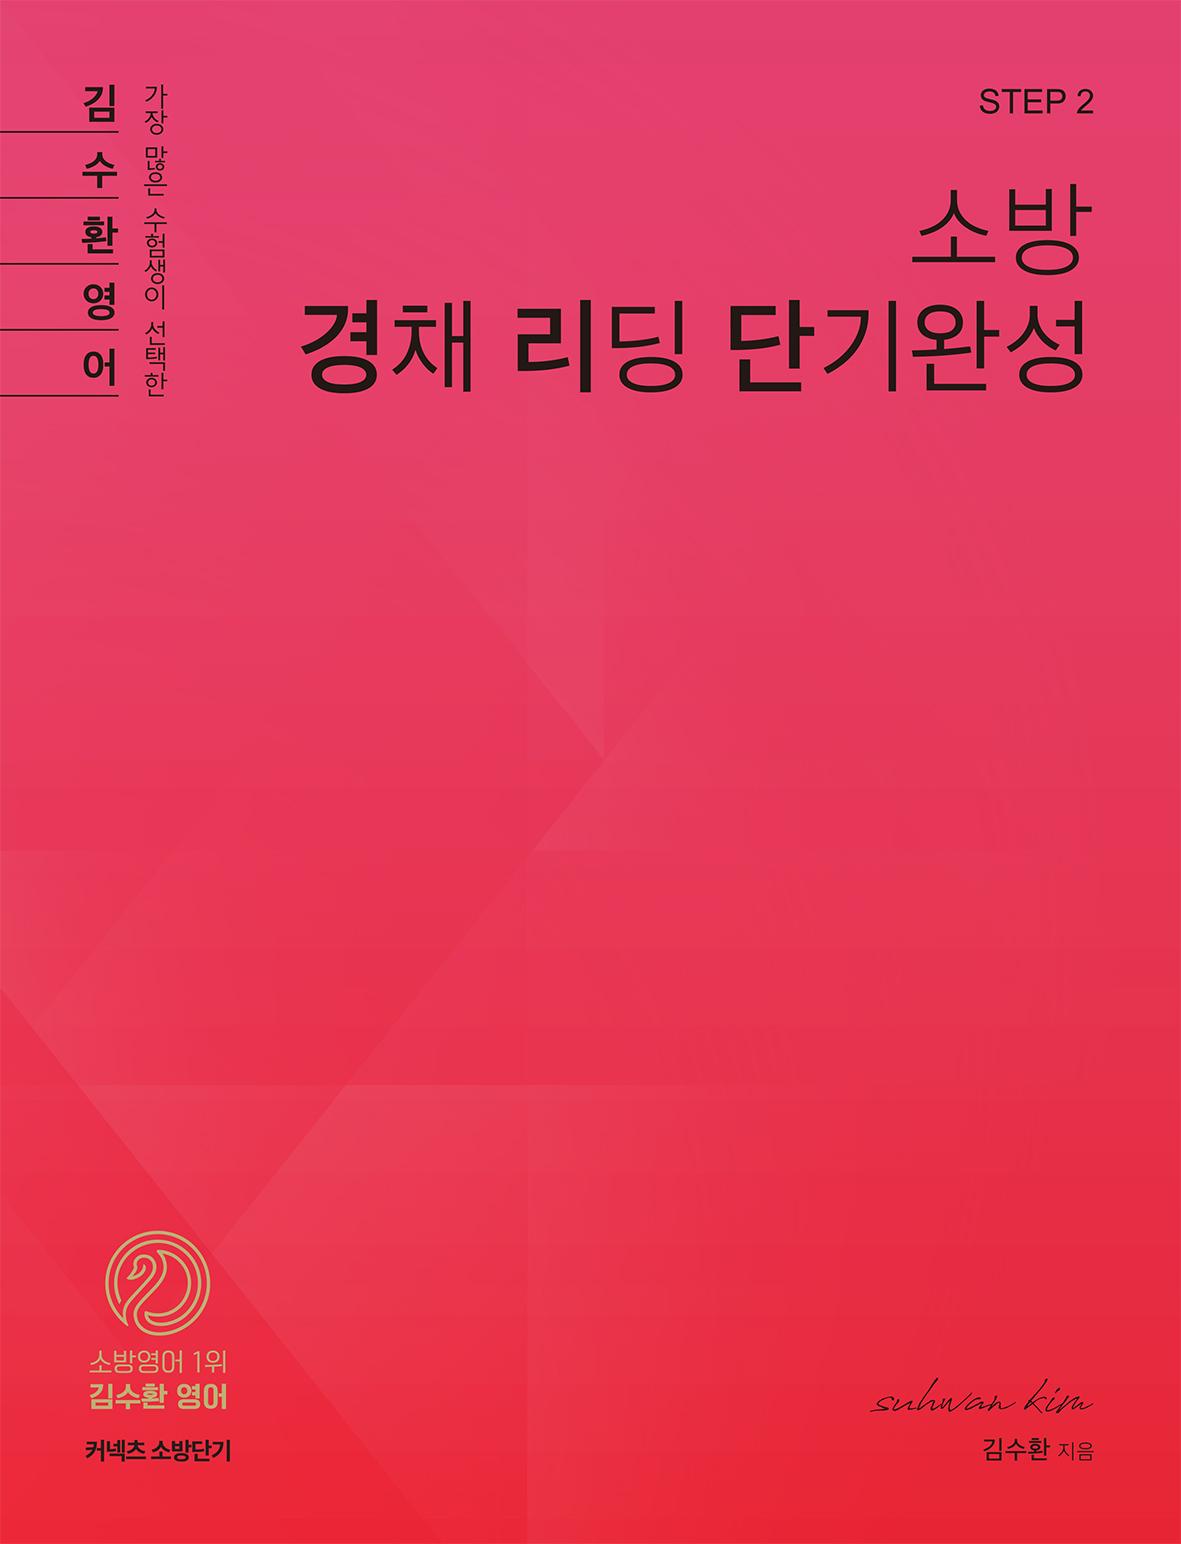 [STEP 2] 김수환 소방 경채 리딩 단기완성